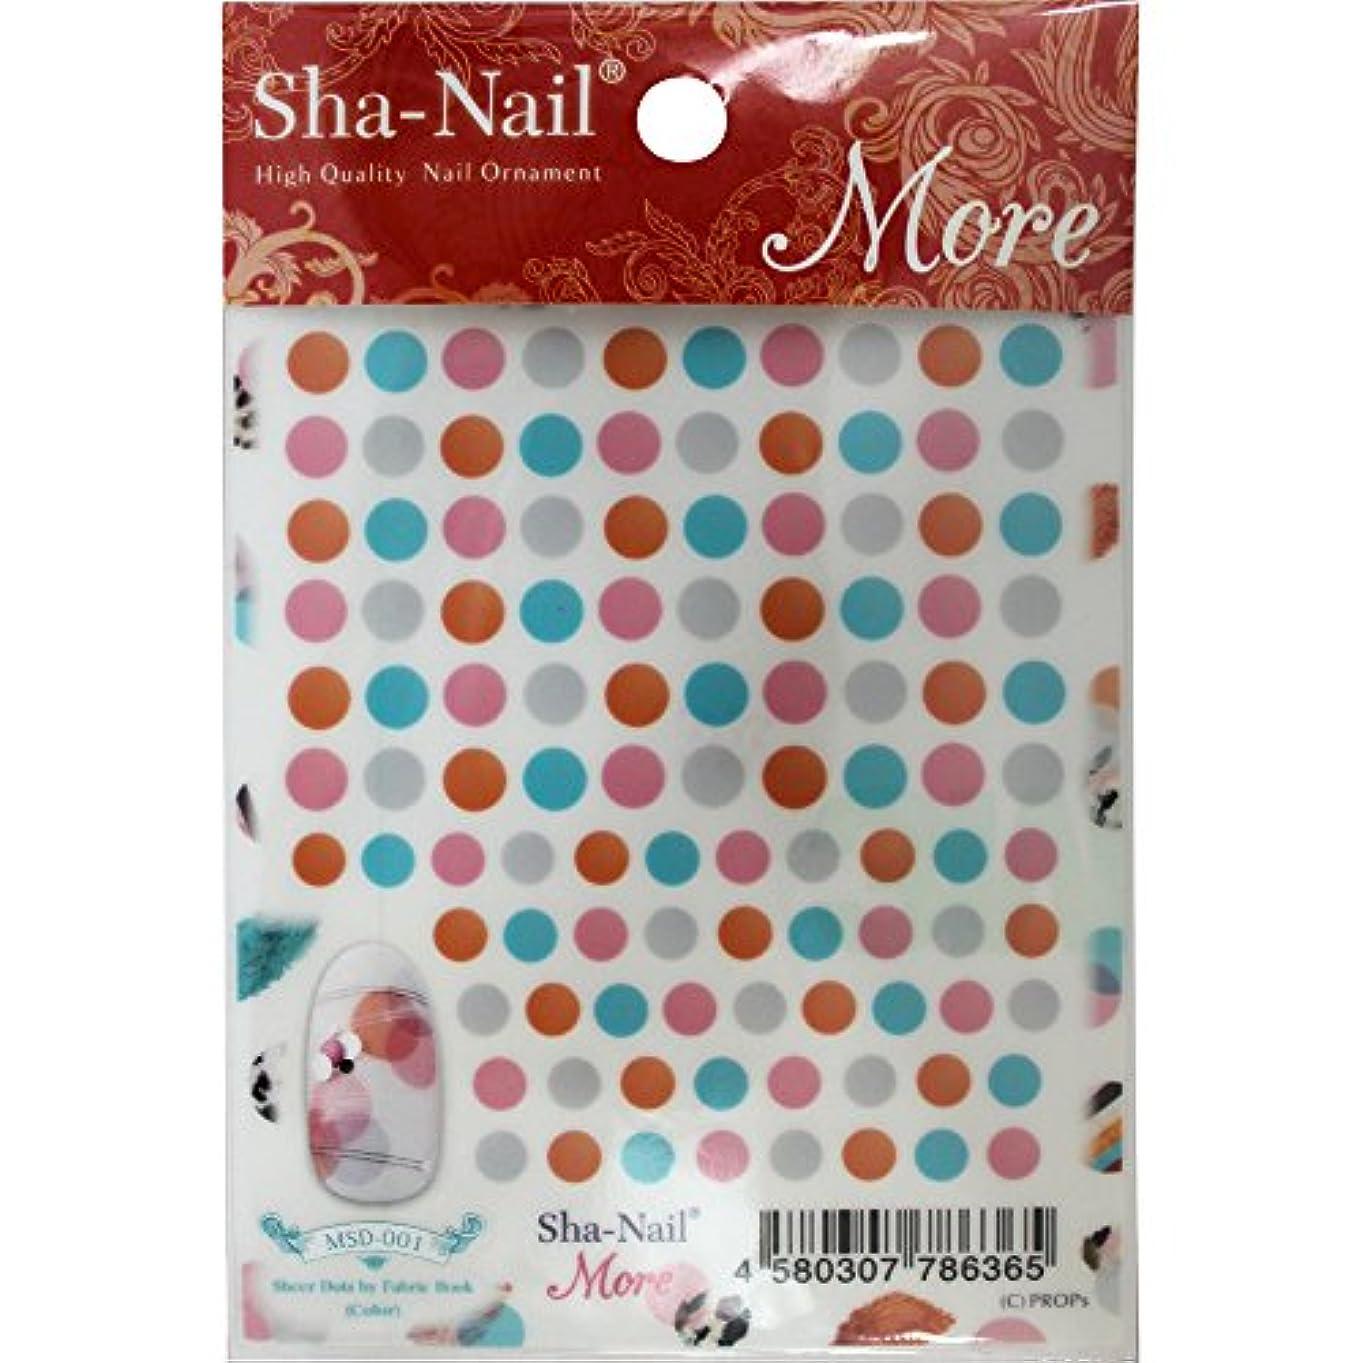 トーン予想外かもしれないSha-Nail More ネイルシール シアードット(カラー) MSD-001 アート材